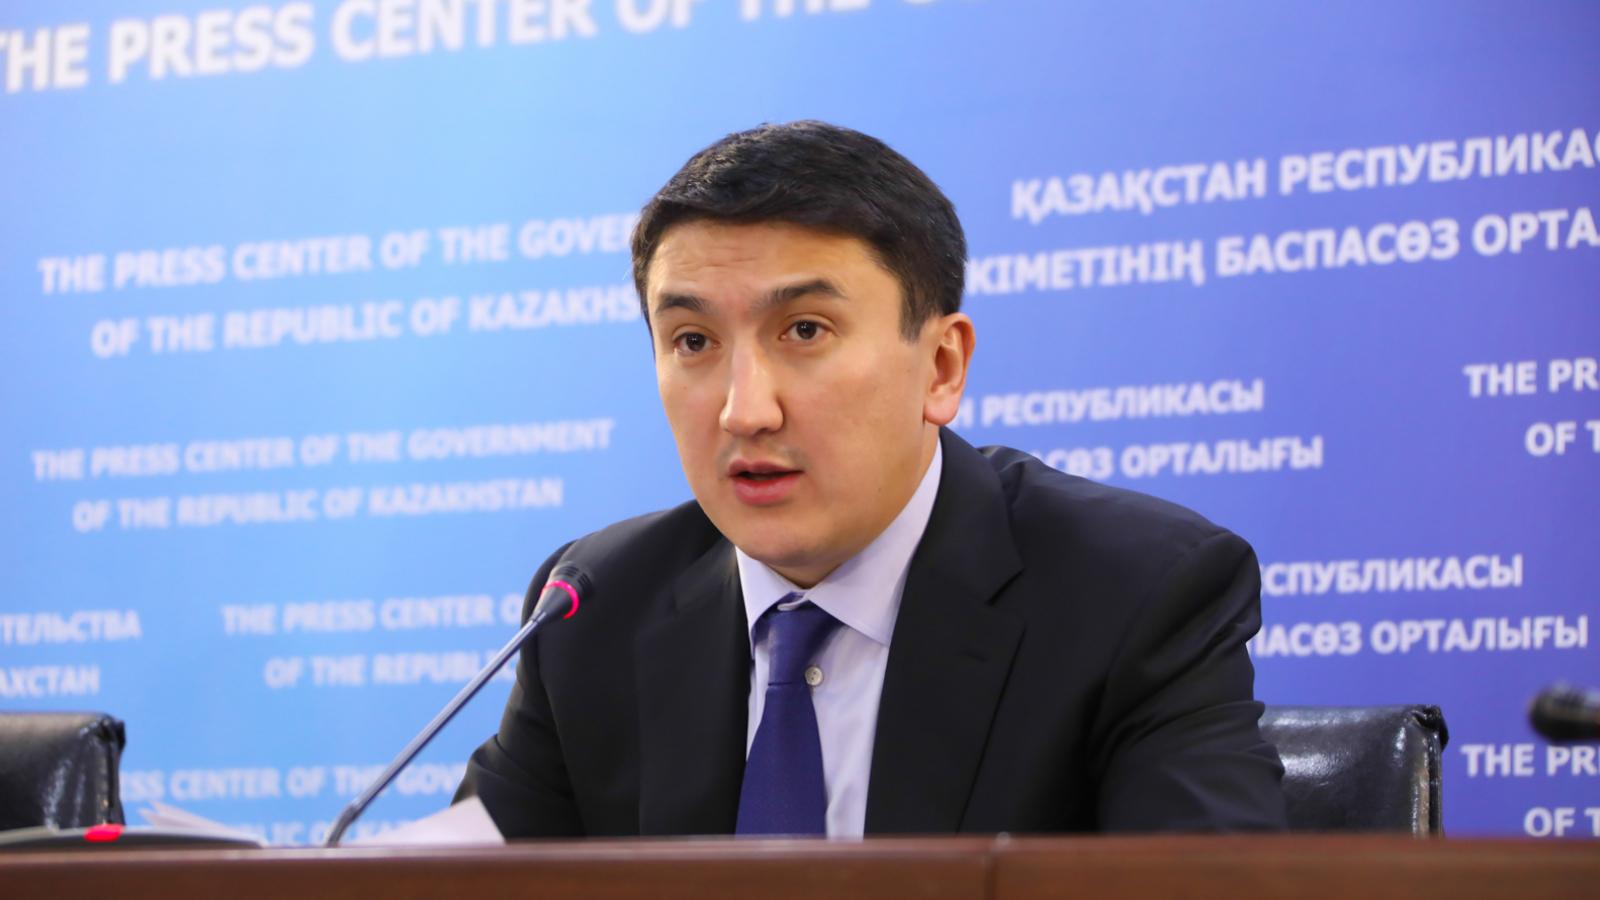 Досье: Мирзагалиев Магзум Маратович,  Магзум Мирзагалиев, Министерство энергетики РК